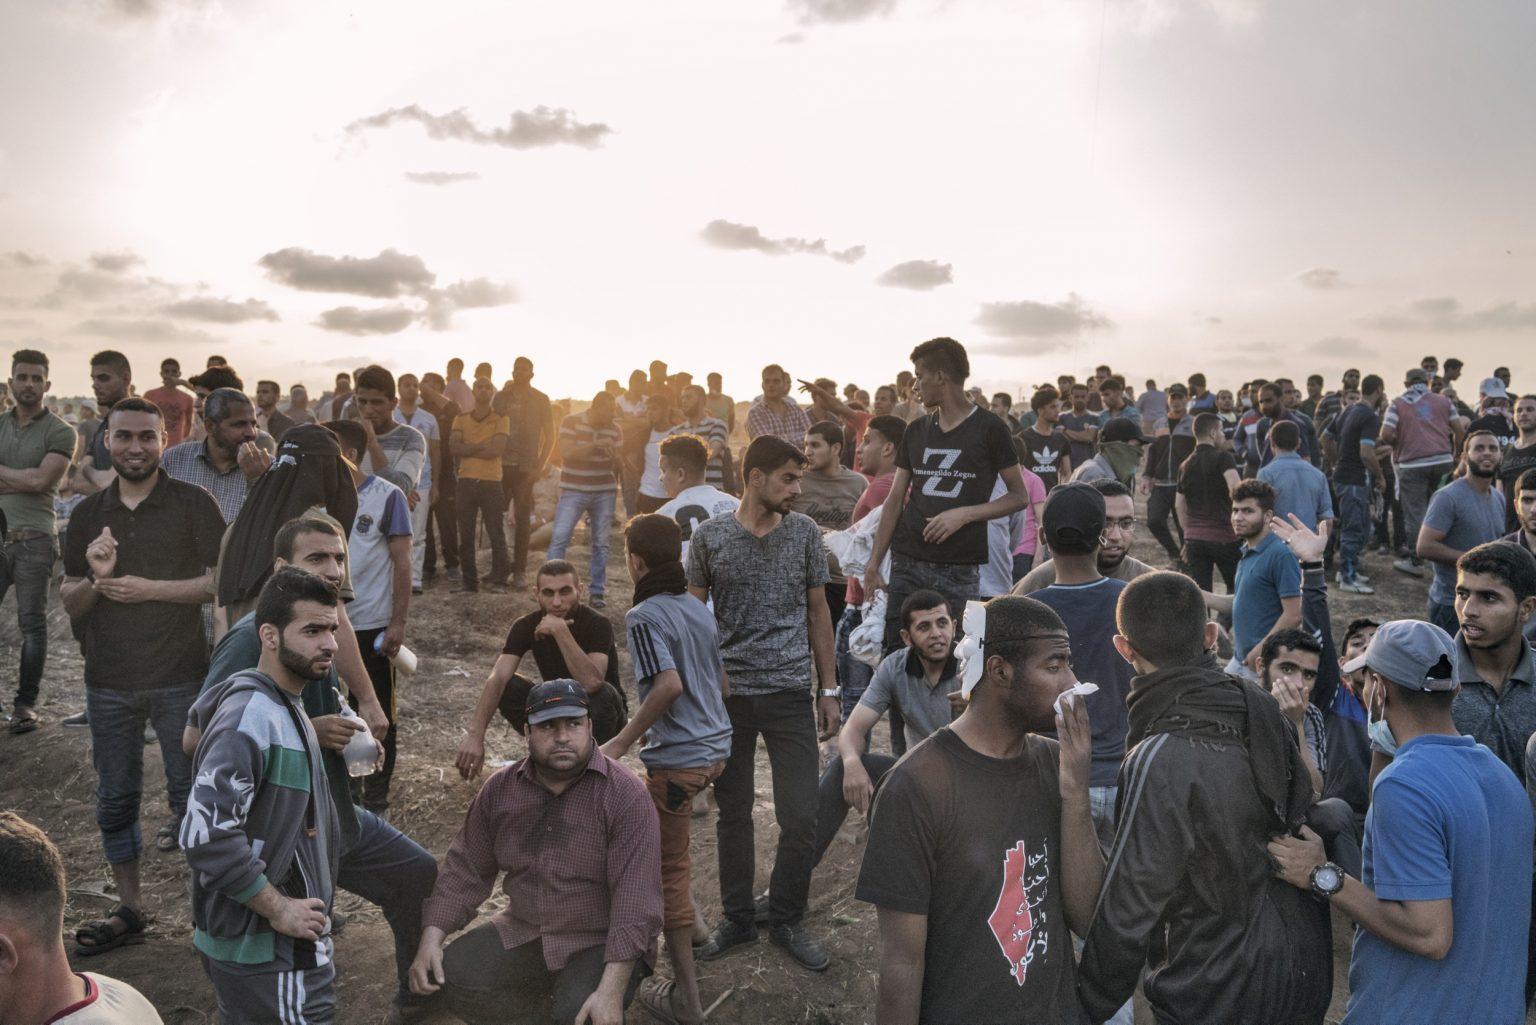 Gaza Strip, May 2018 - Palestinian during the protest along the Gaza-Israel border. >< Striscia di Gaza, maggio 2018 - Palestinesi durante le proteste lungo il confine tra Gaza e Israele.